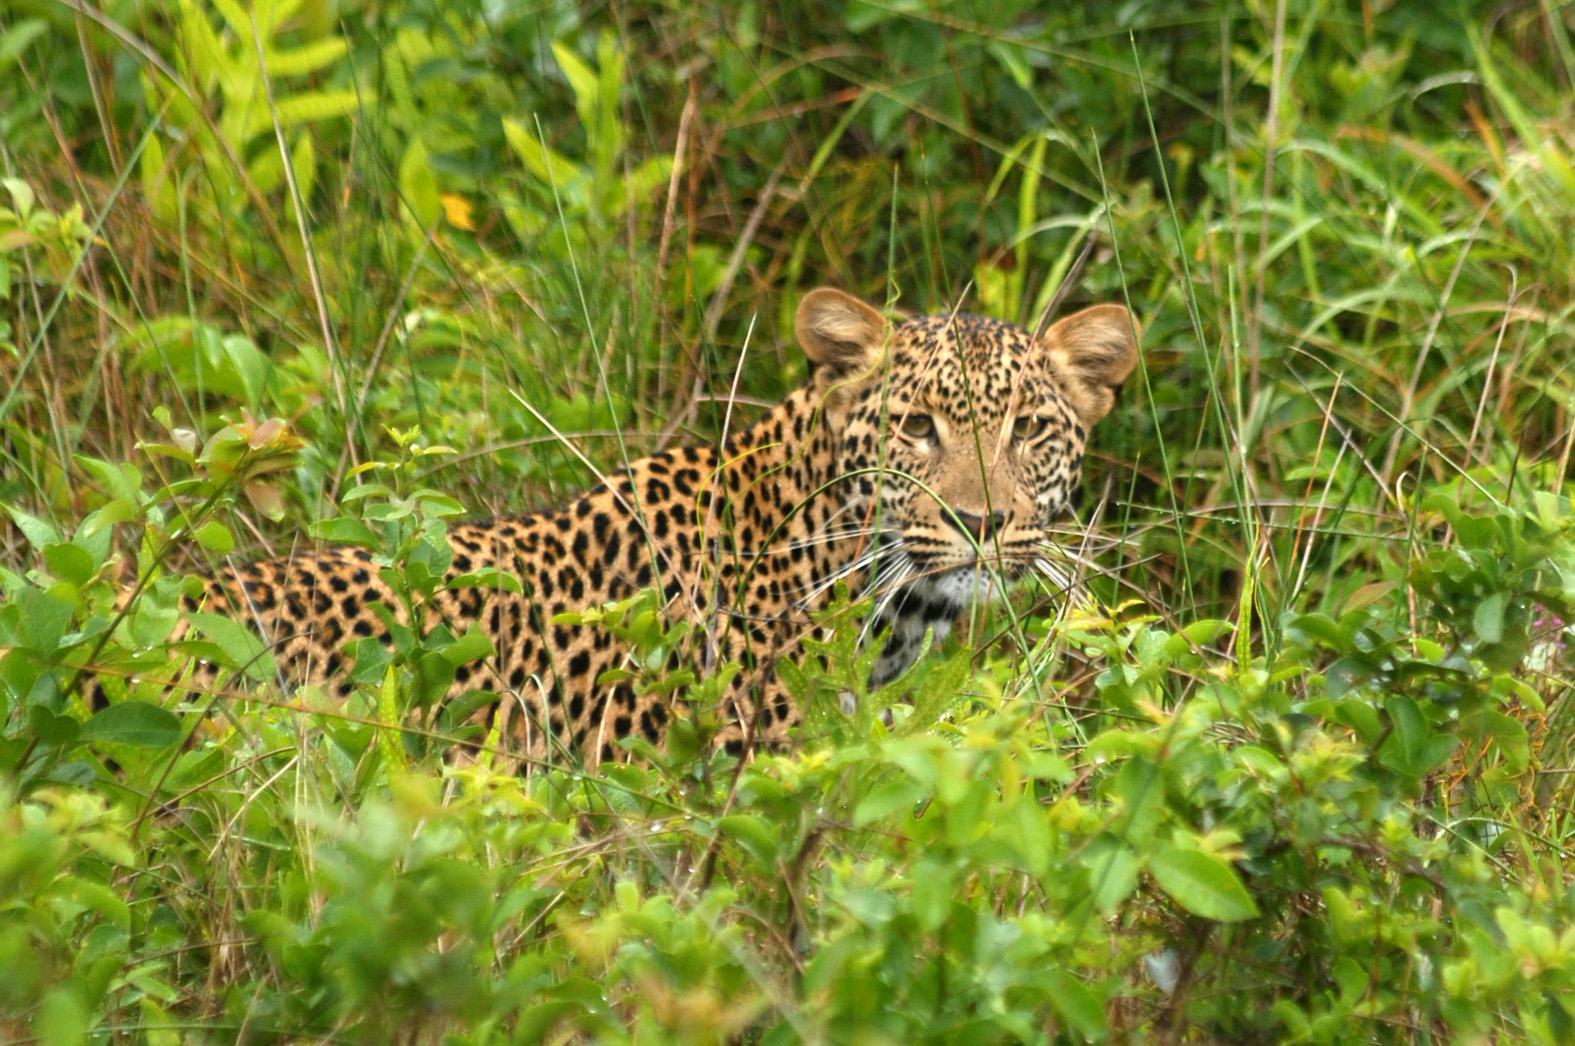 foto: Tom van der Leij van tijger in groen in Zuid-Afrika